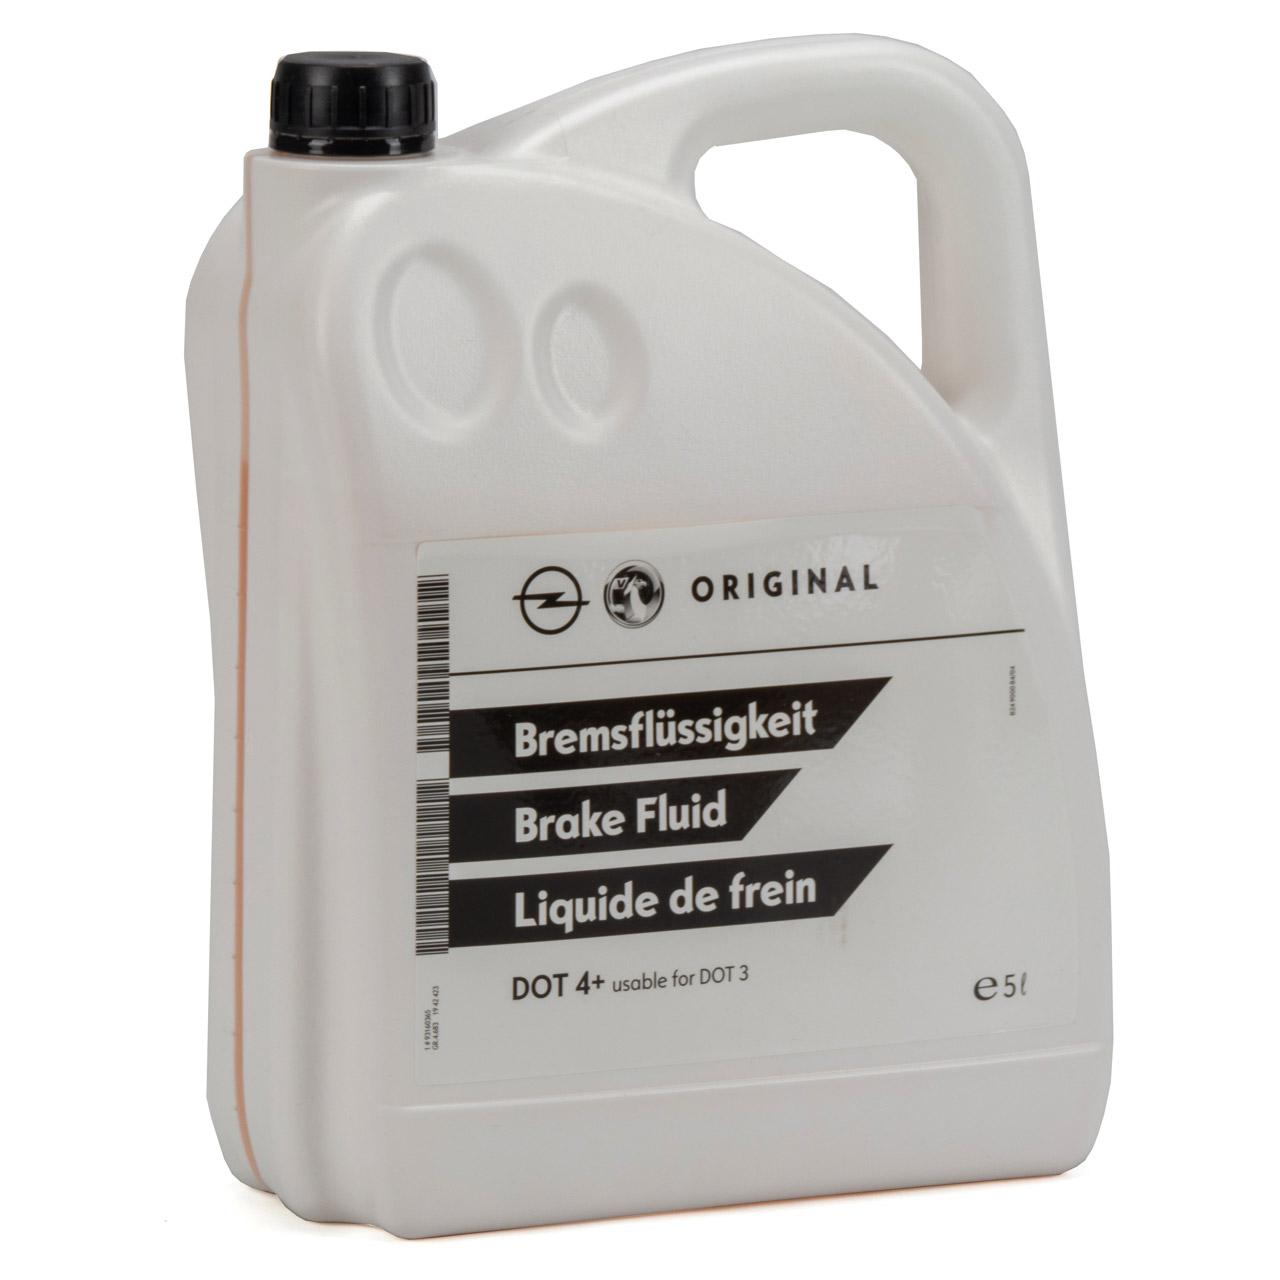 ORIGINAL GM Opel Bremsflüssigkeit DOT4+ 5 Liter 93160365 / 1942423